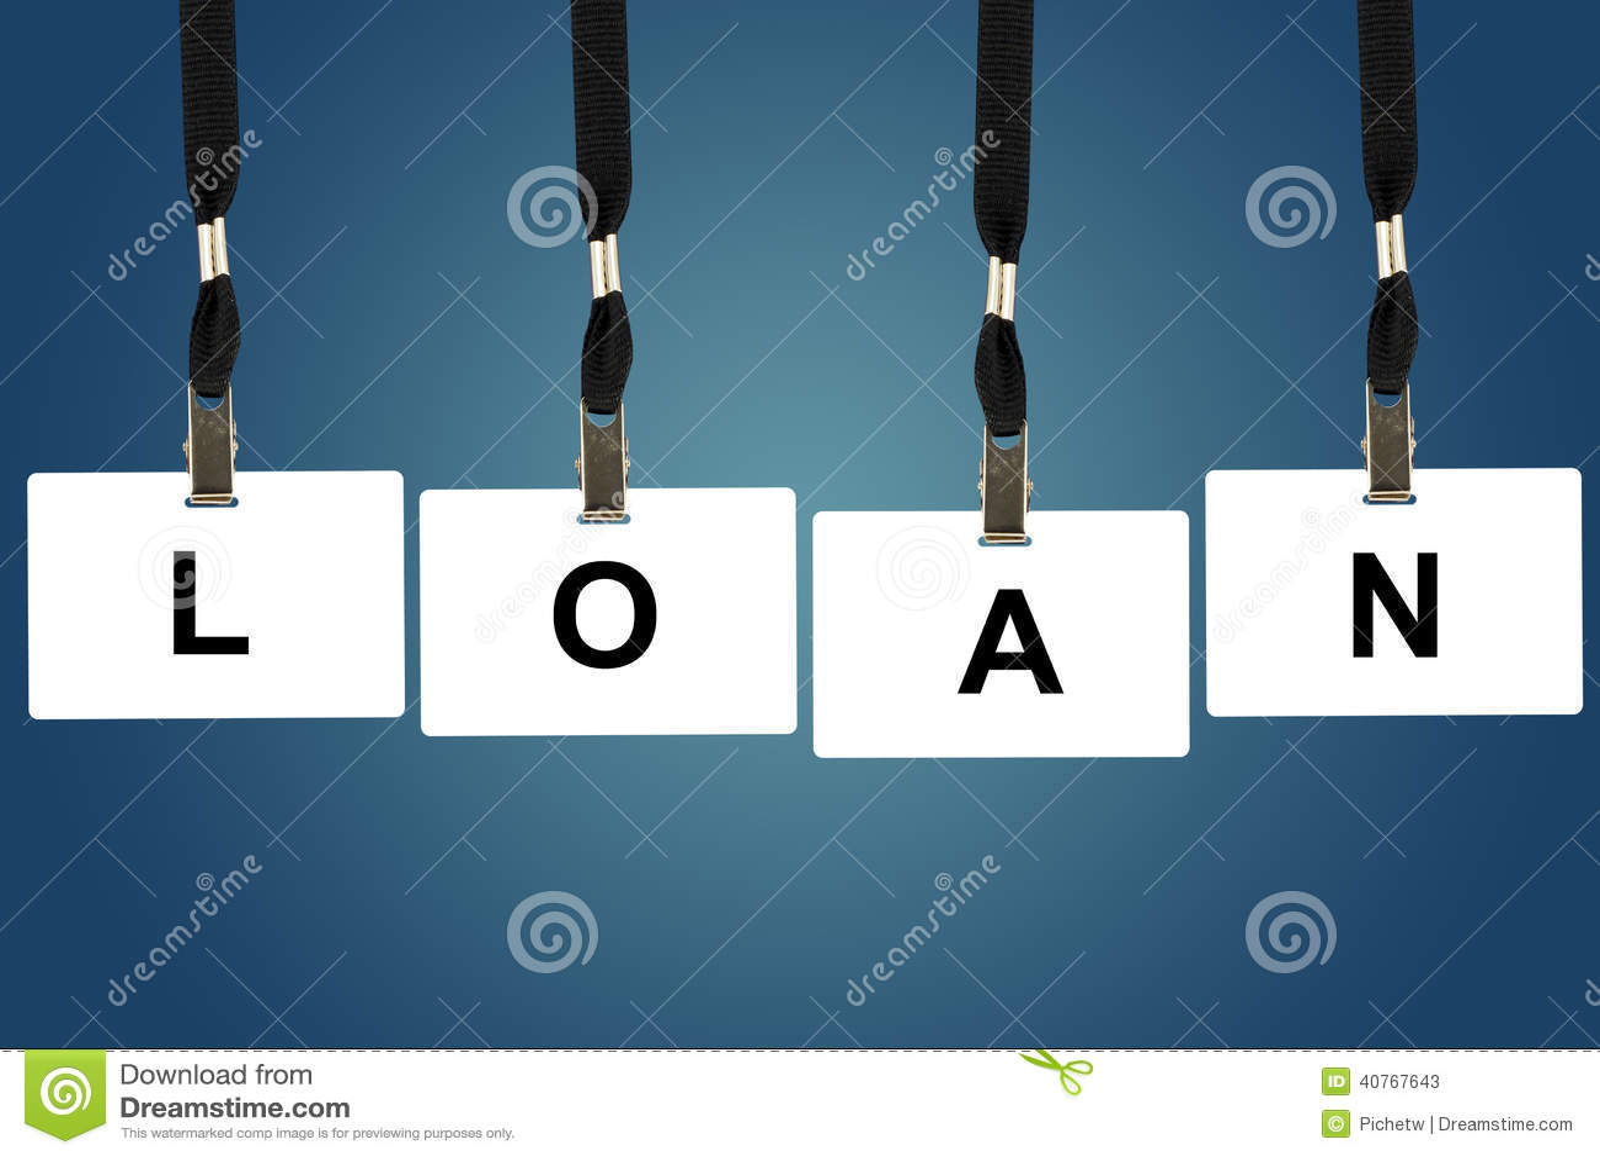 Loan word